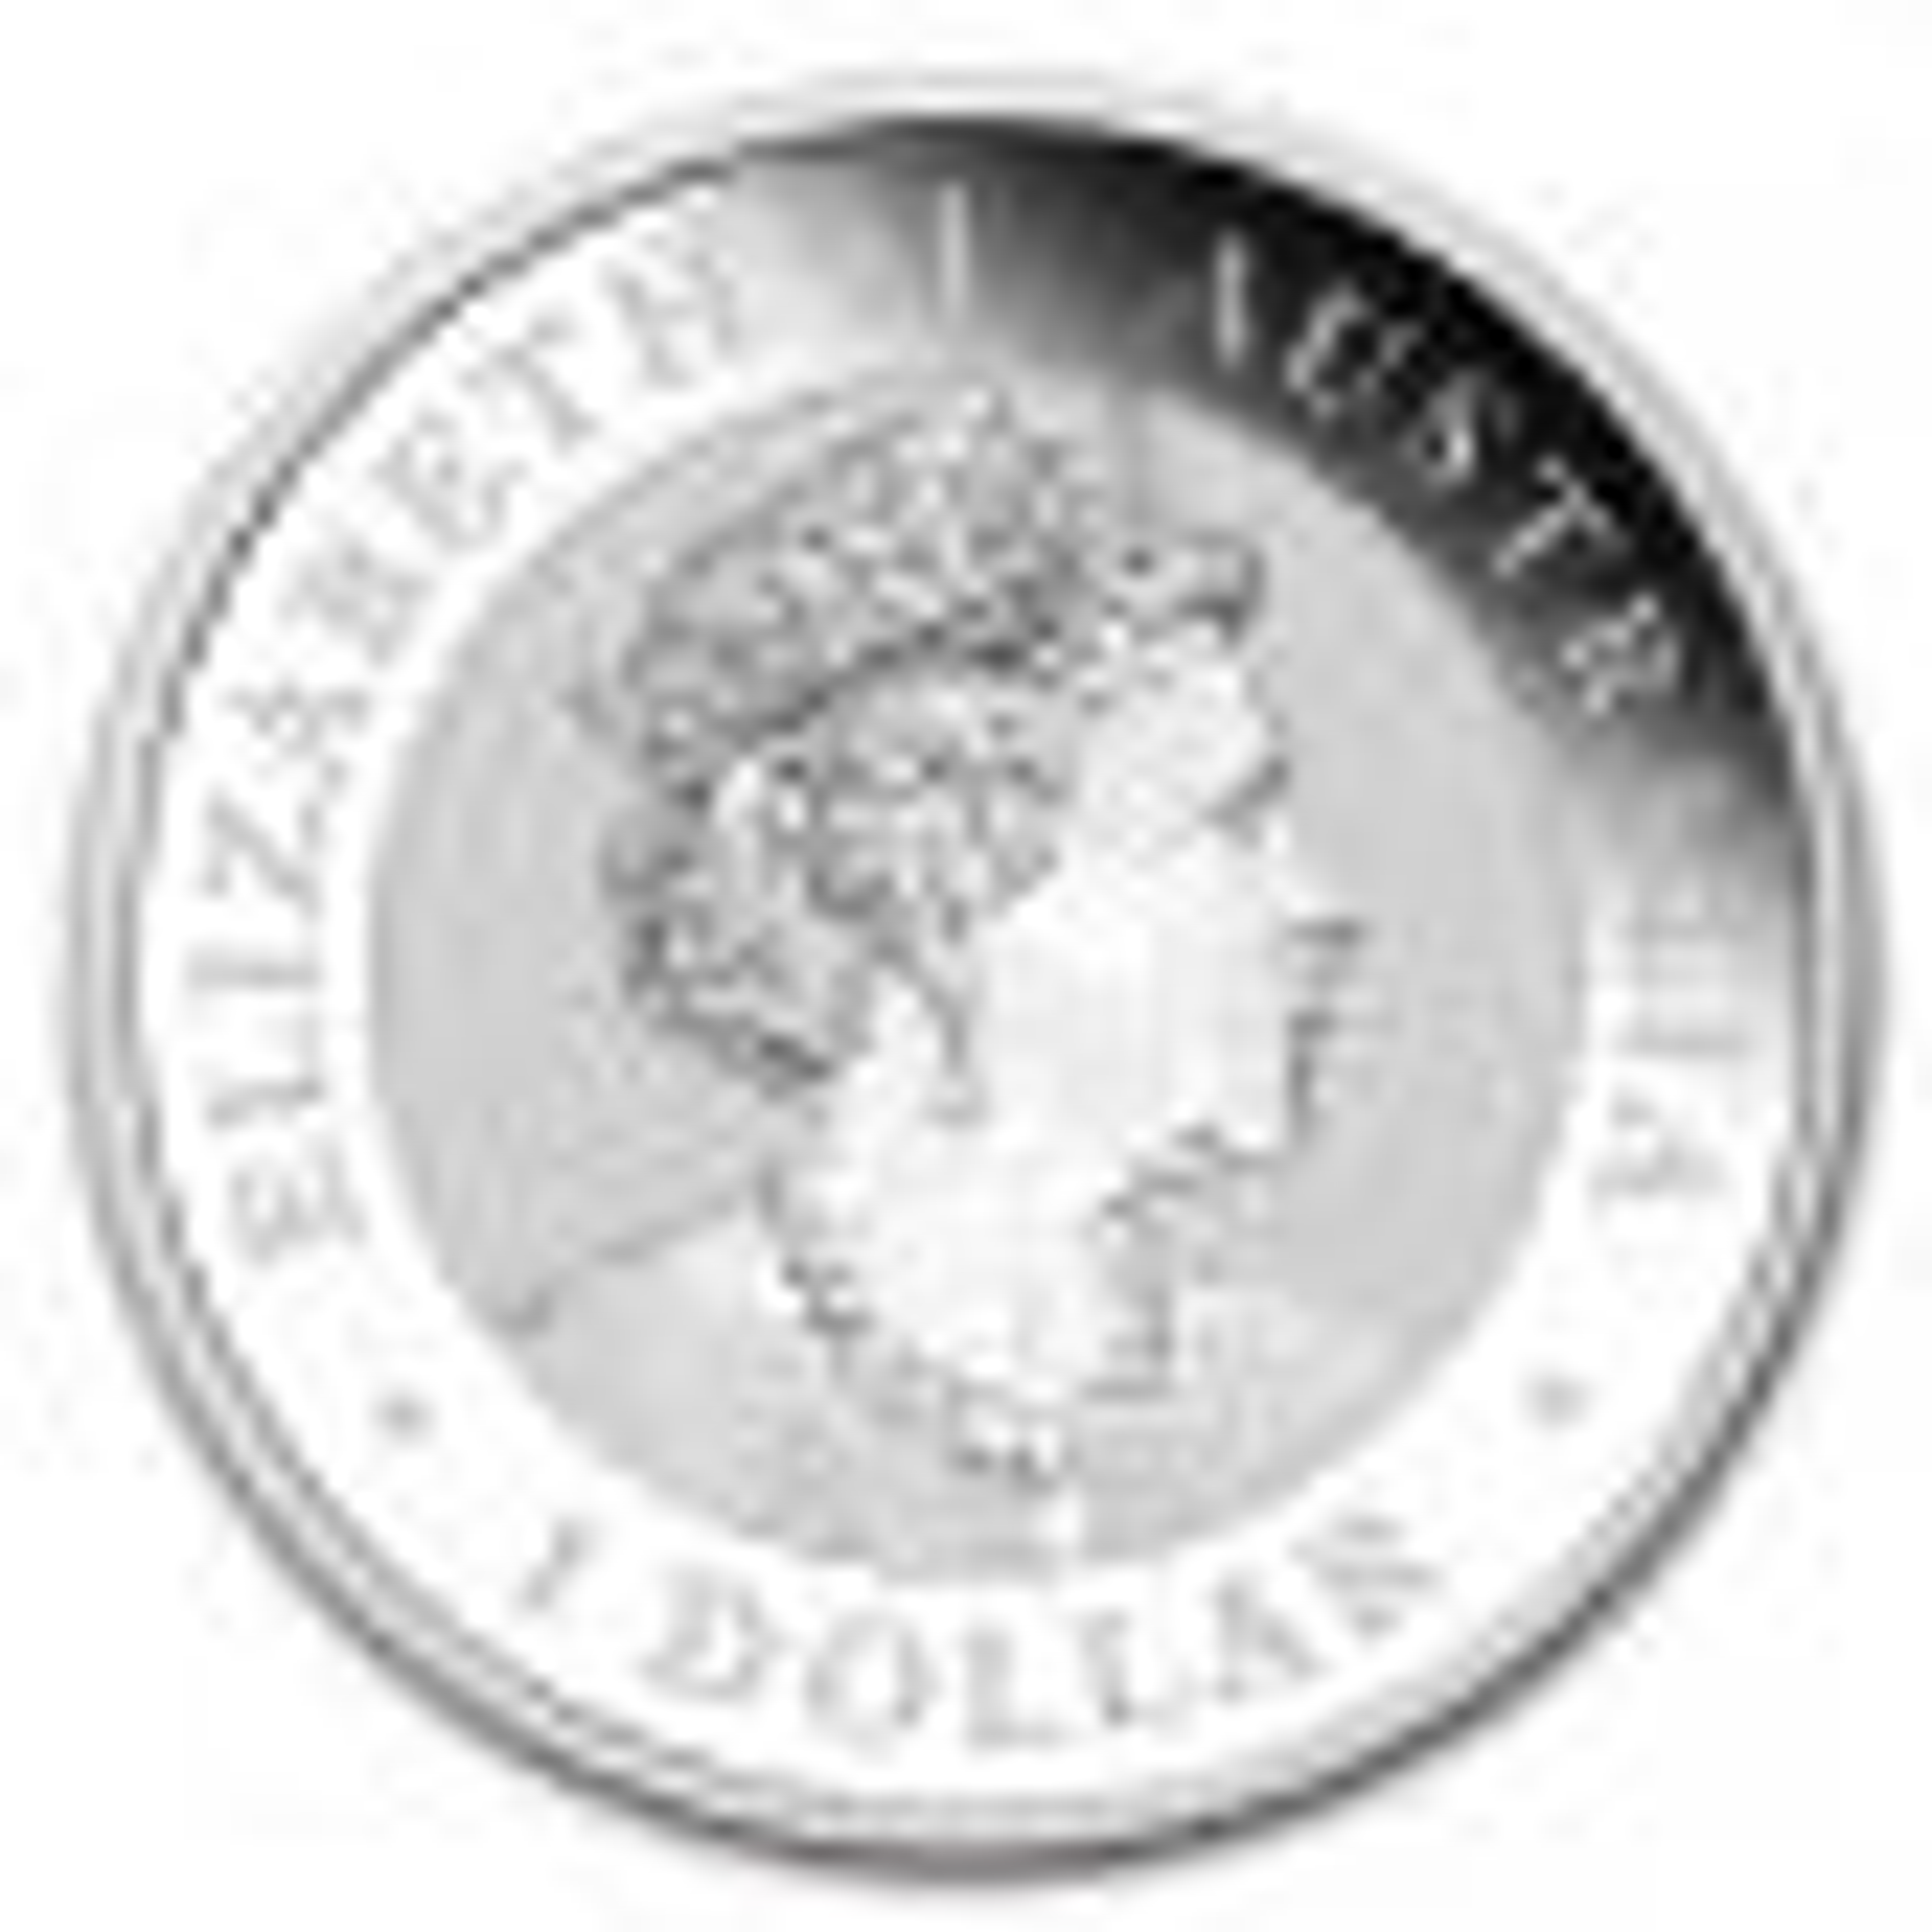 1 troy ounce silver coin Kookaburra 2021 - back